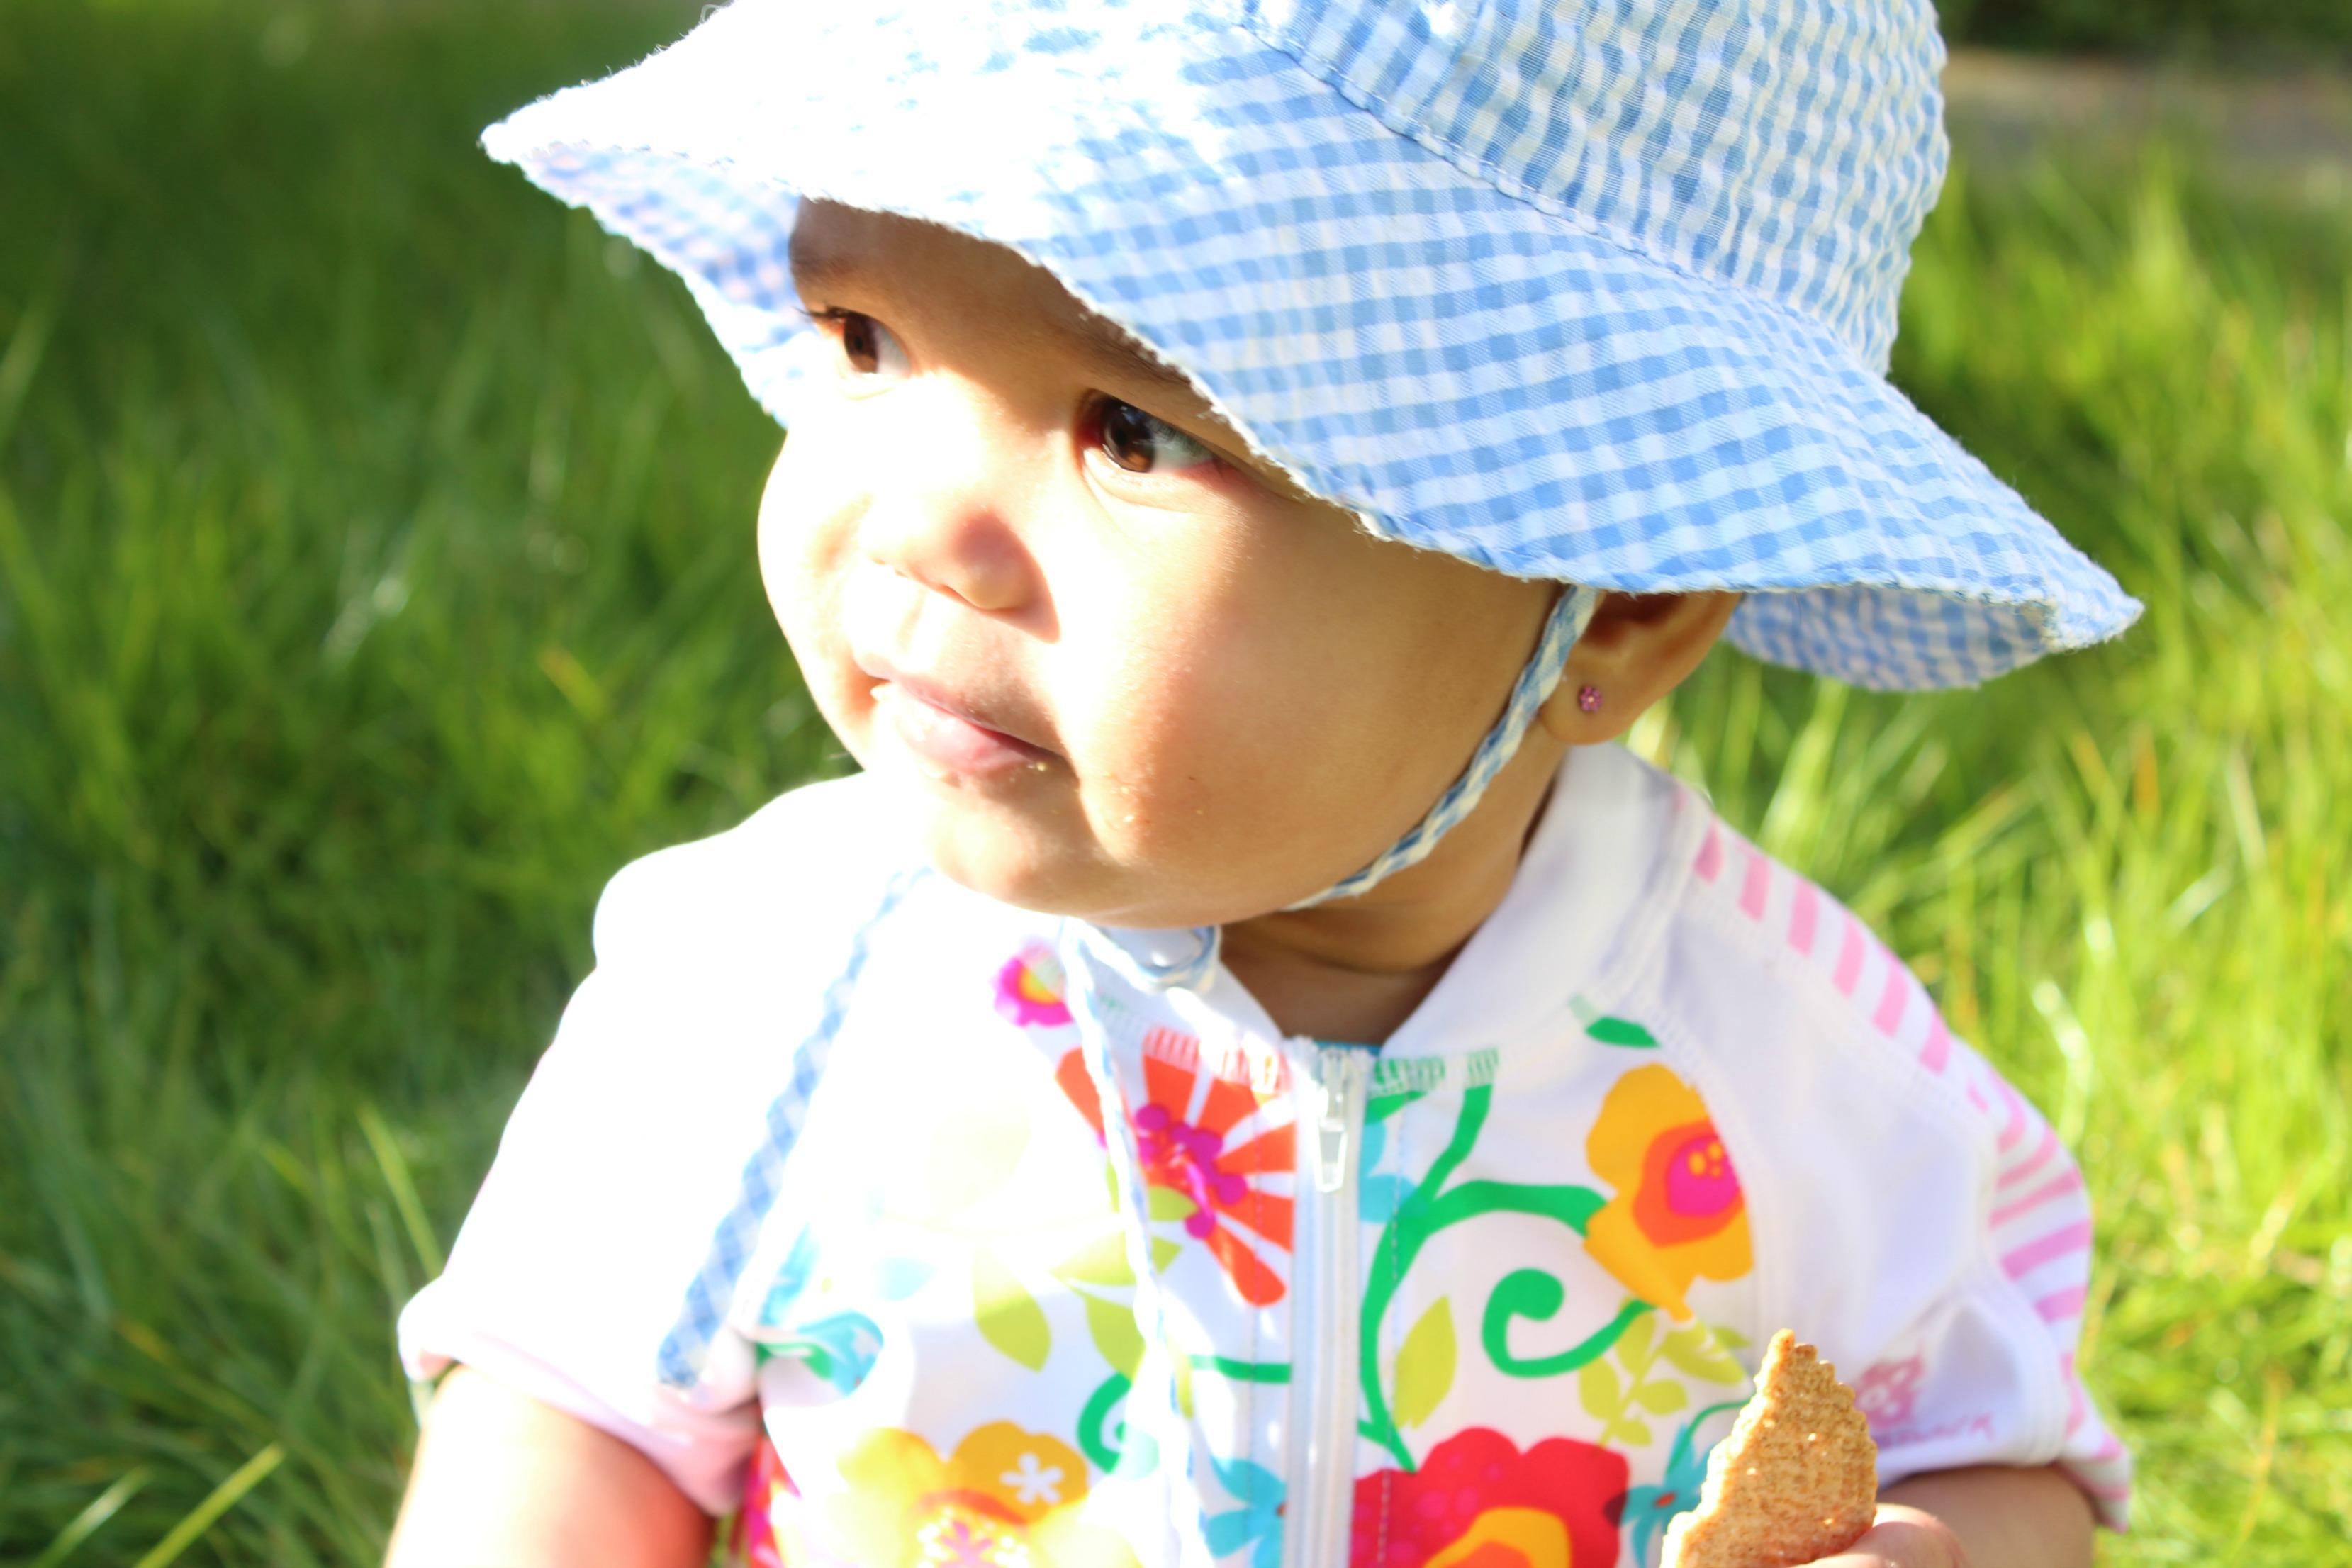 De beste tips om je kinderen tegen de zon te beschermen-GoodGirlsCompany